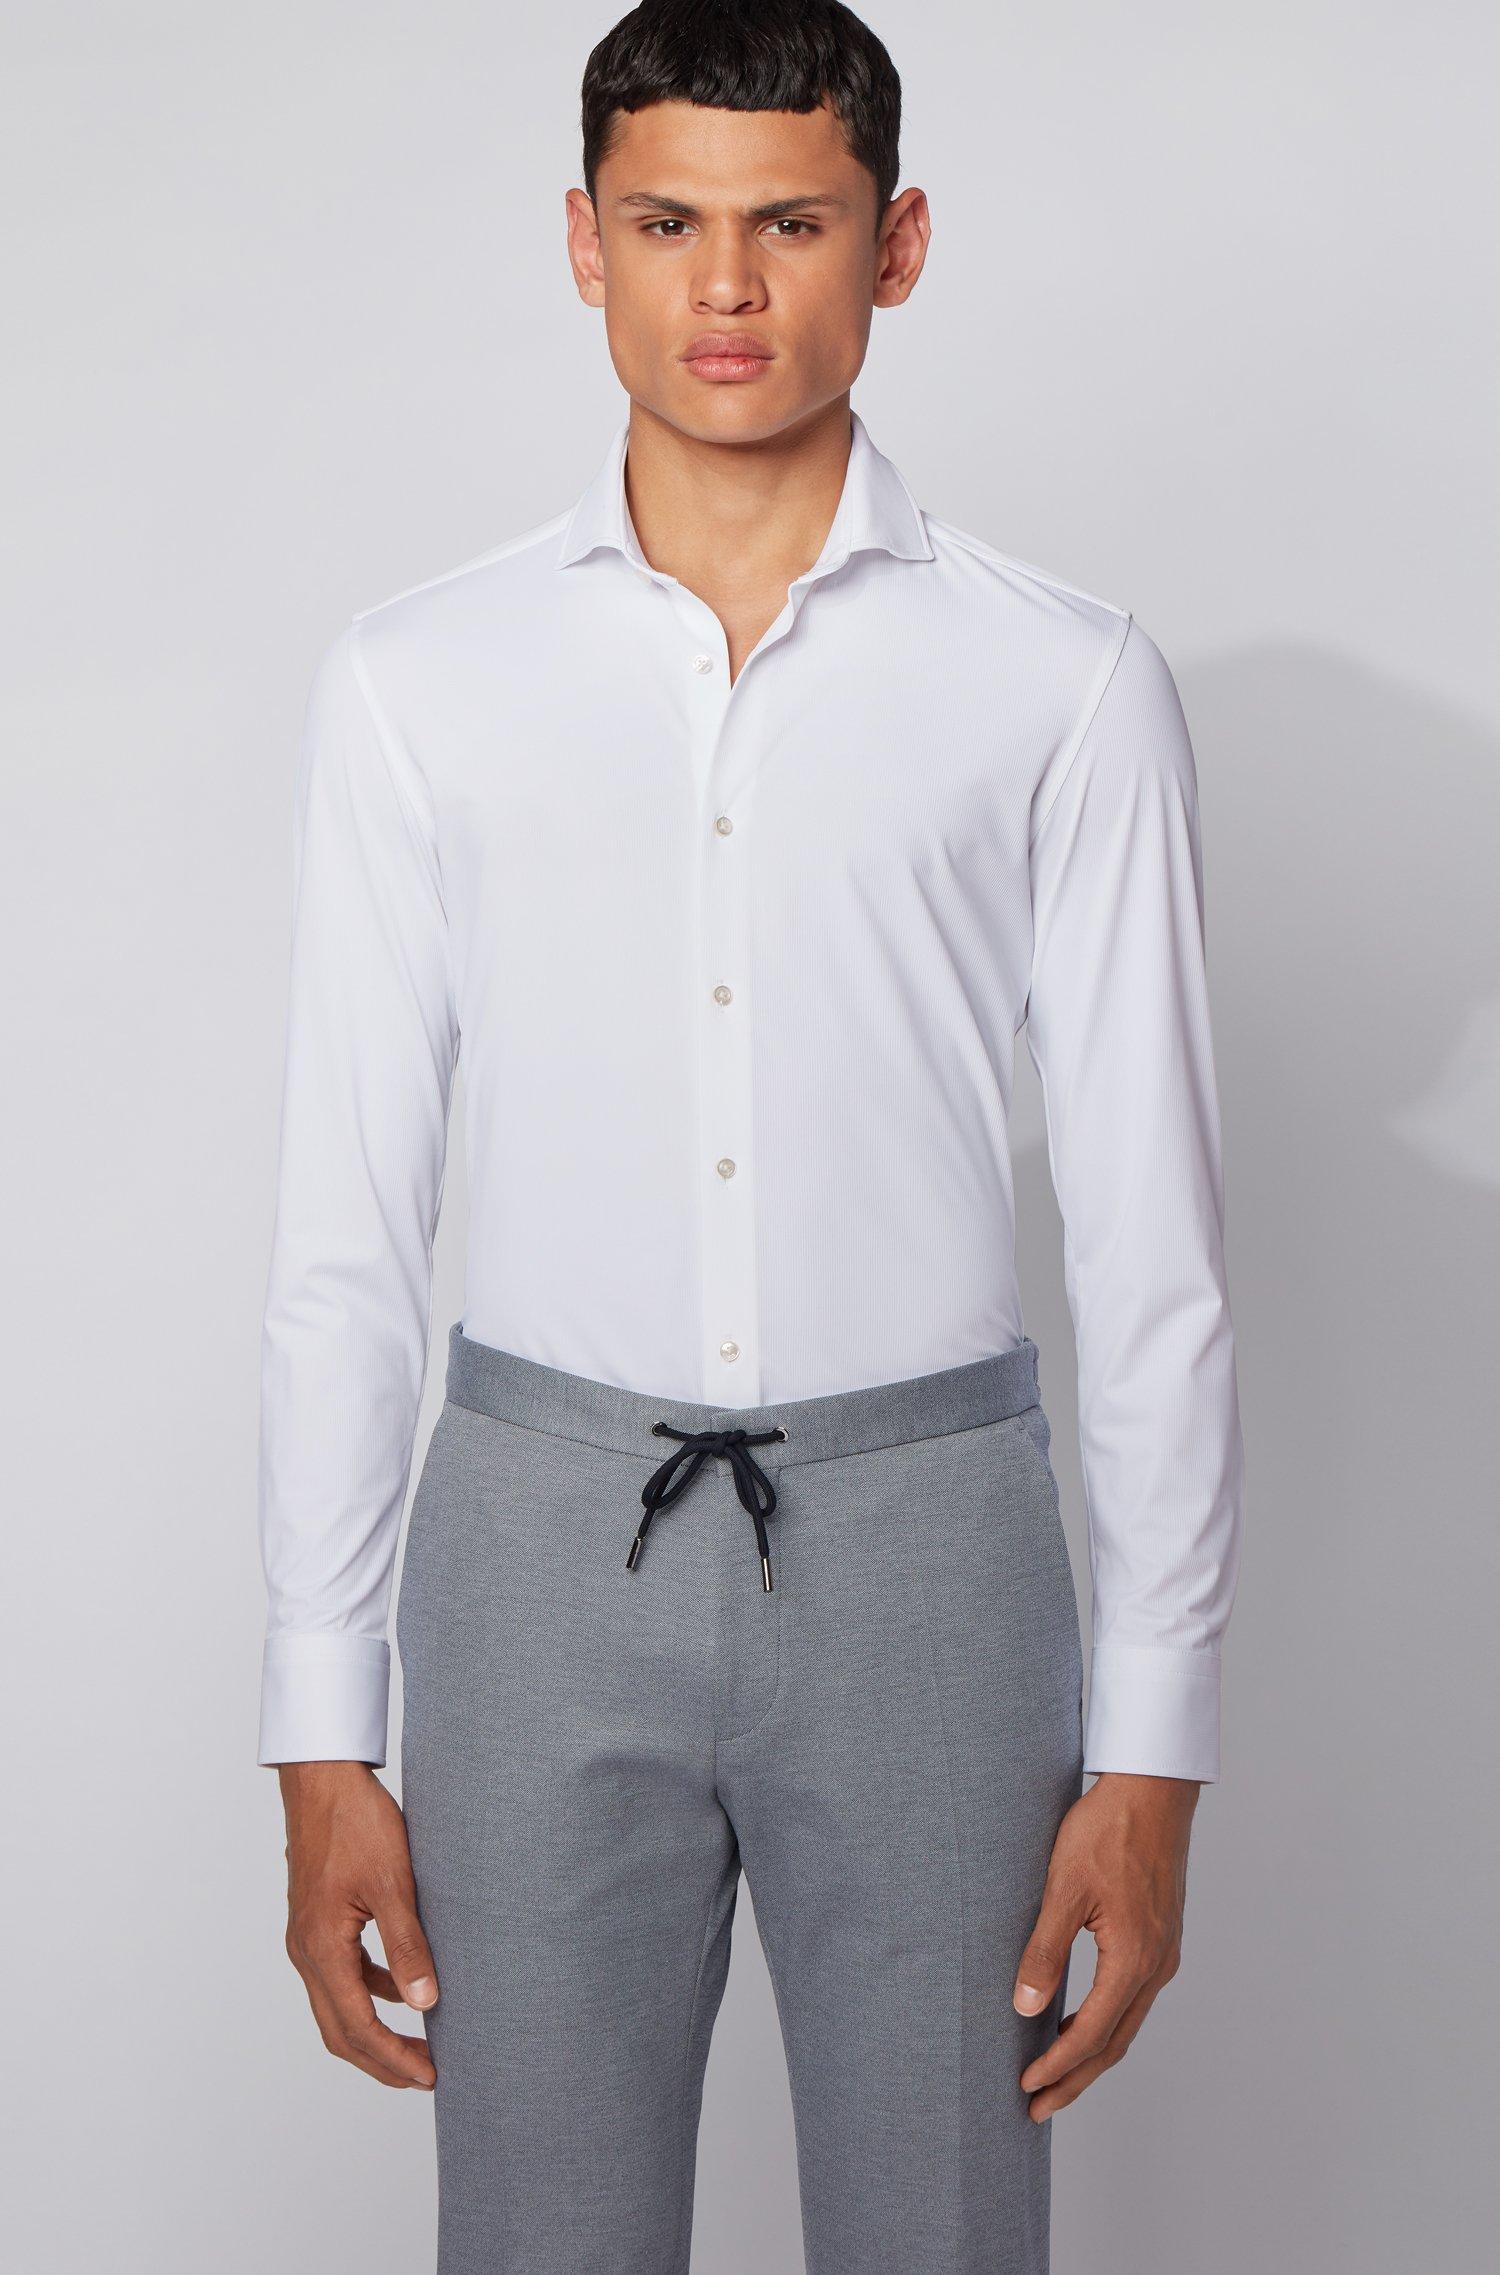 Slim-Fit Hemd aus italienischem Stretch-Funktionsgewebe, Weiß